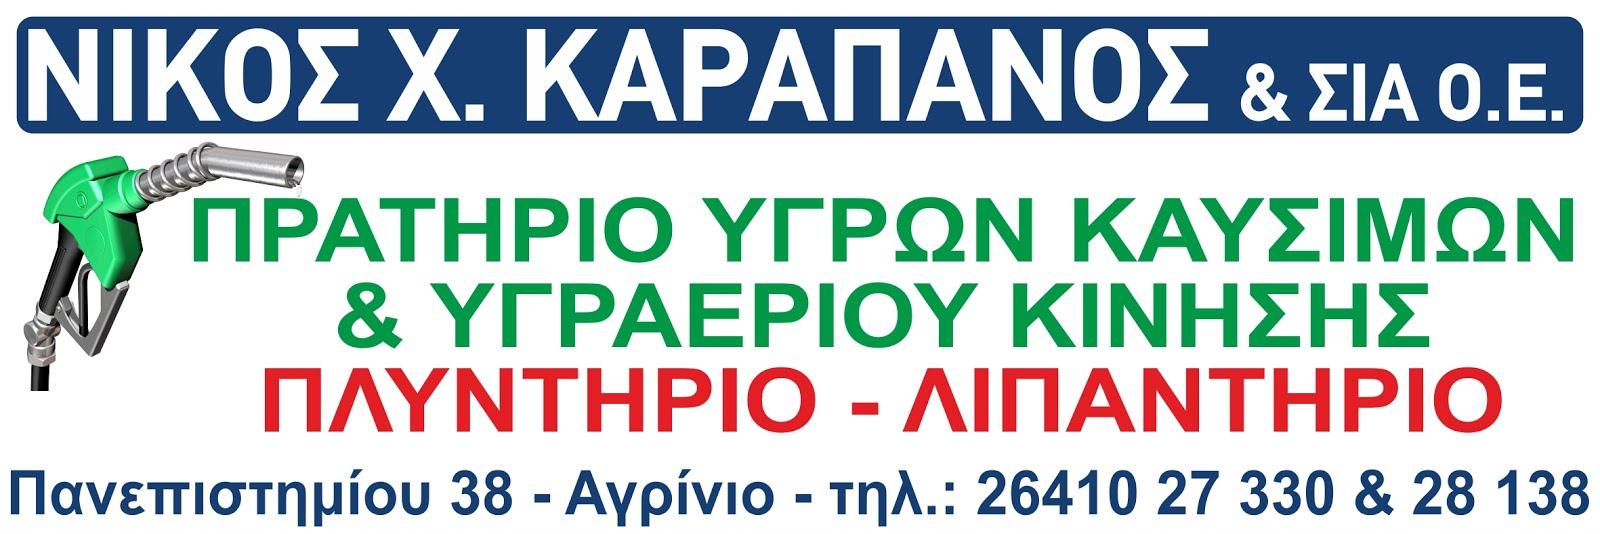 ΚΑΡΑΠΑΝΟΣ